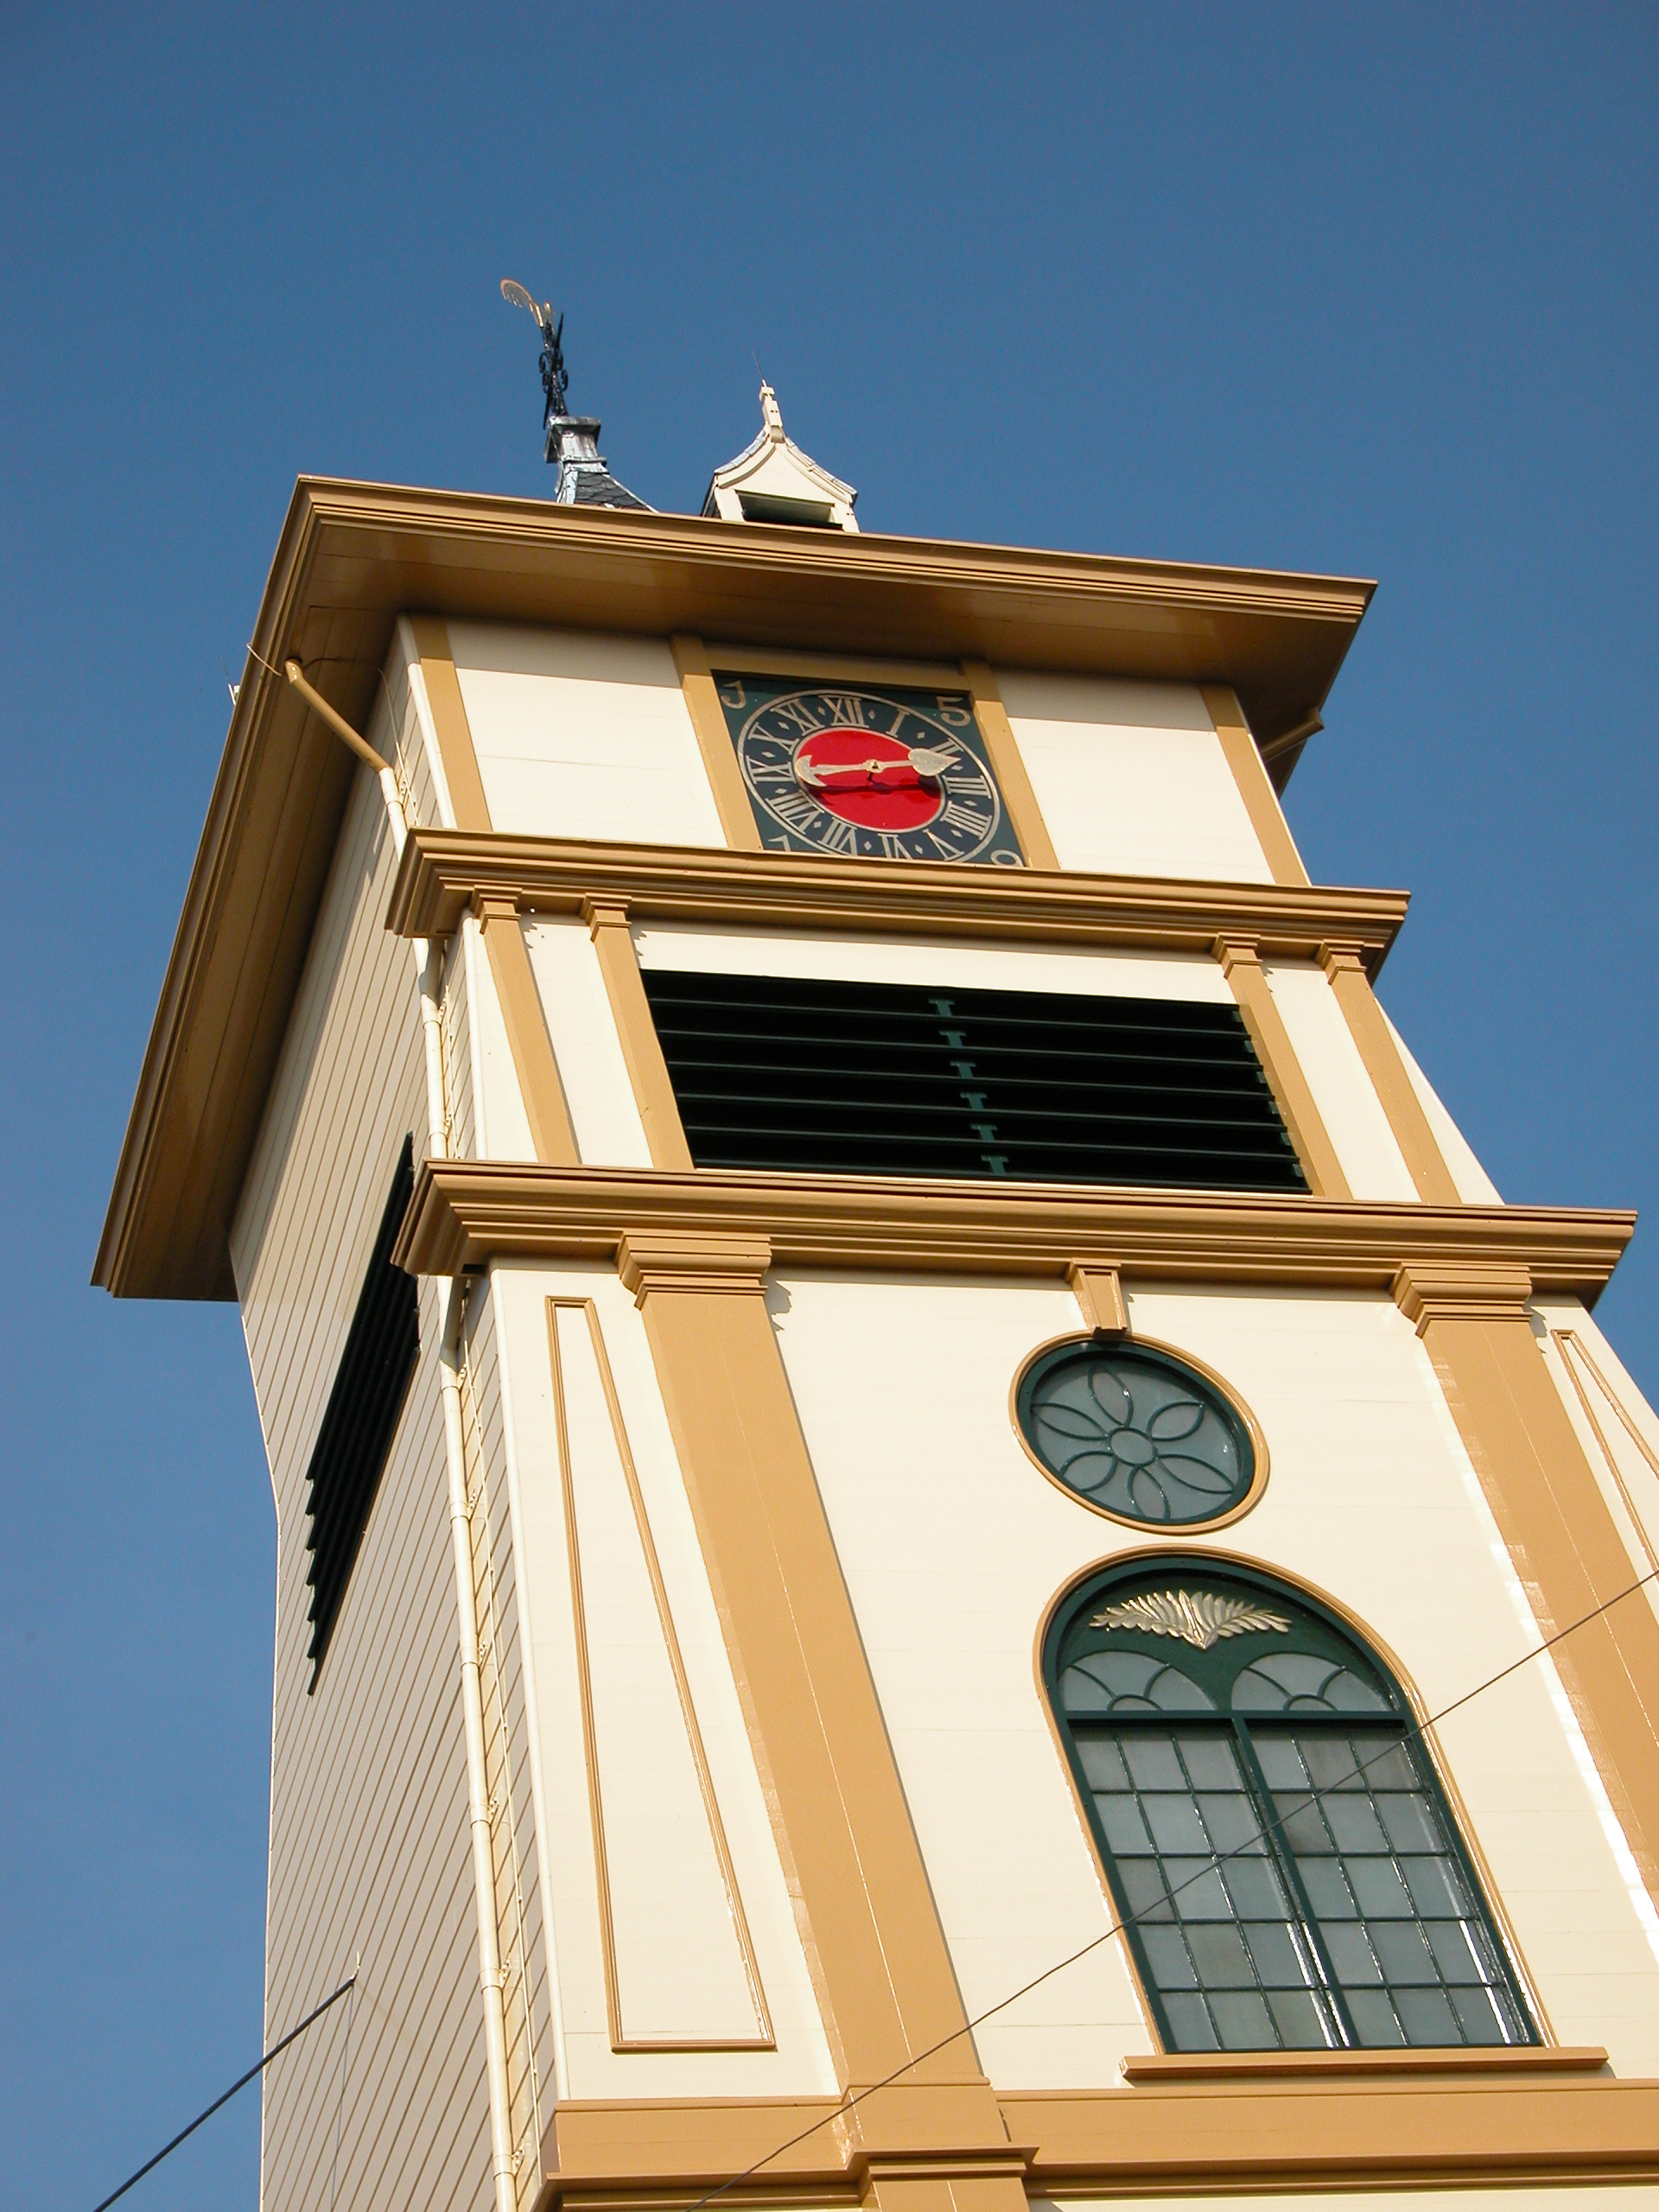 architecture exteriors clocktower tower time clock belltower